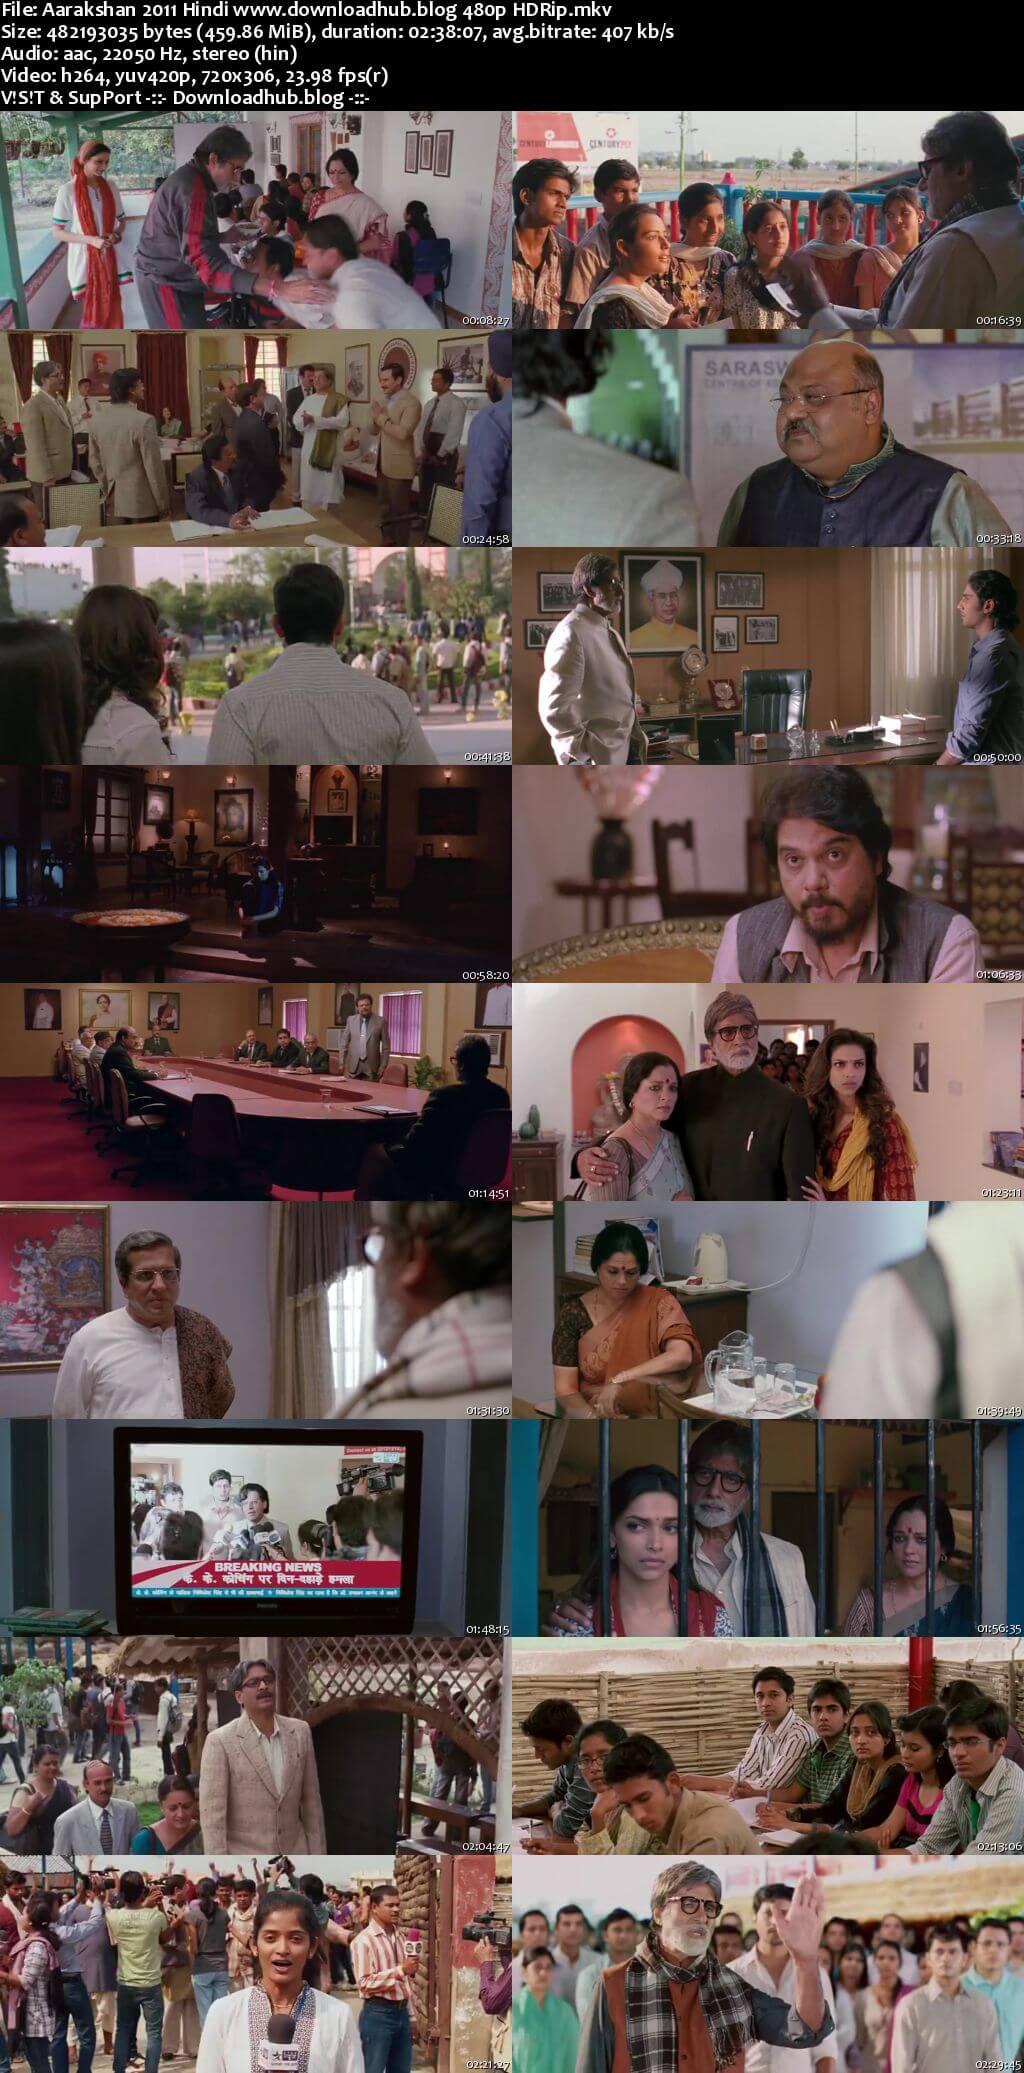 Aarakshan 2011 Hindi 450MB HDRip 480p ESubs